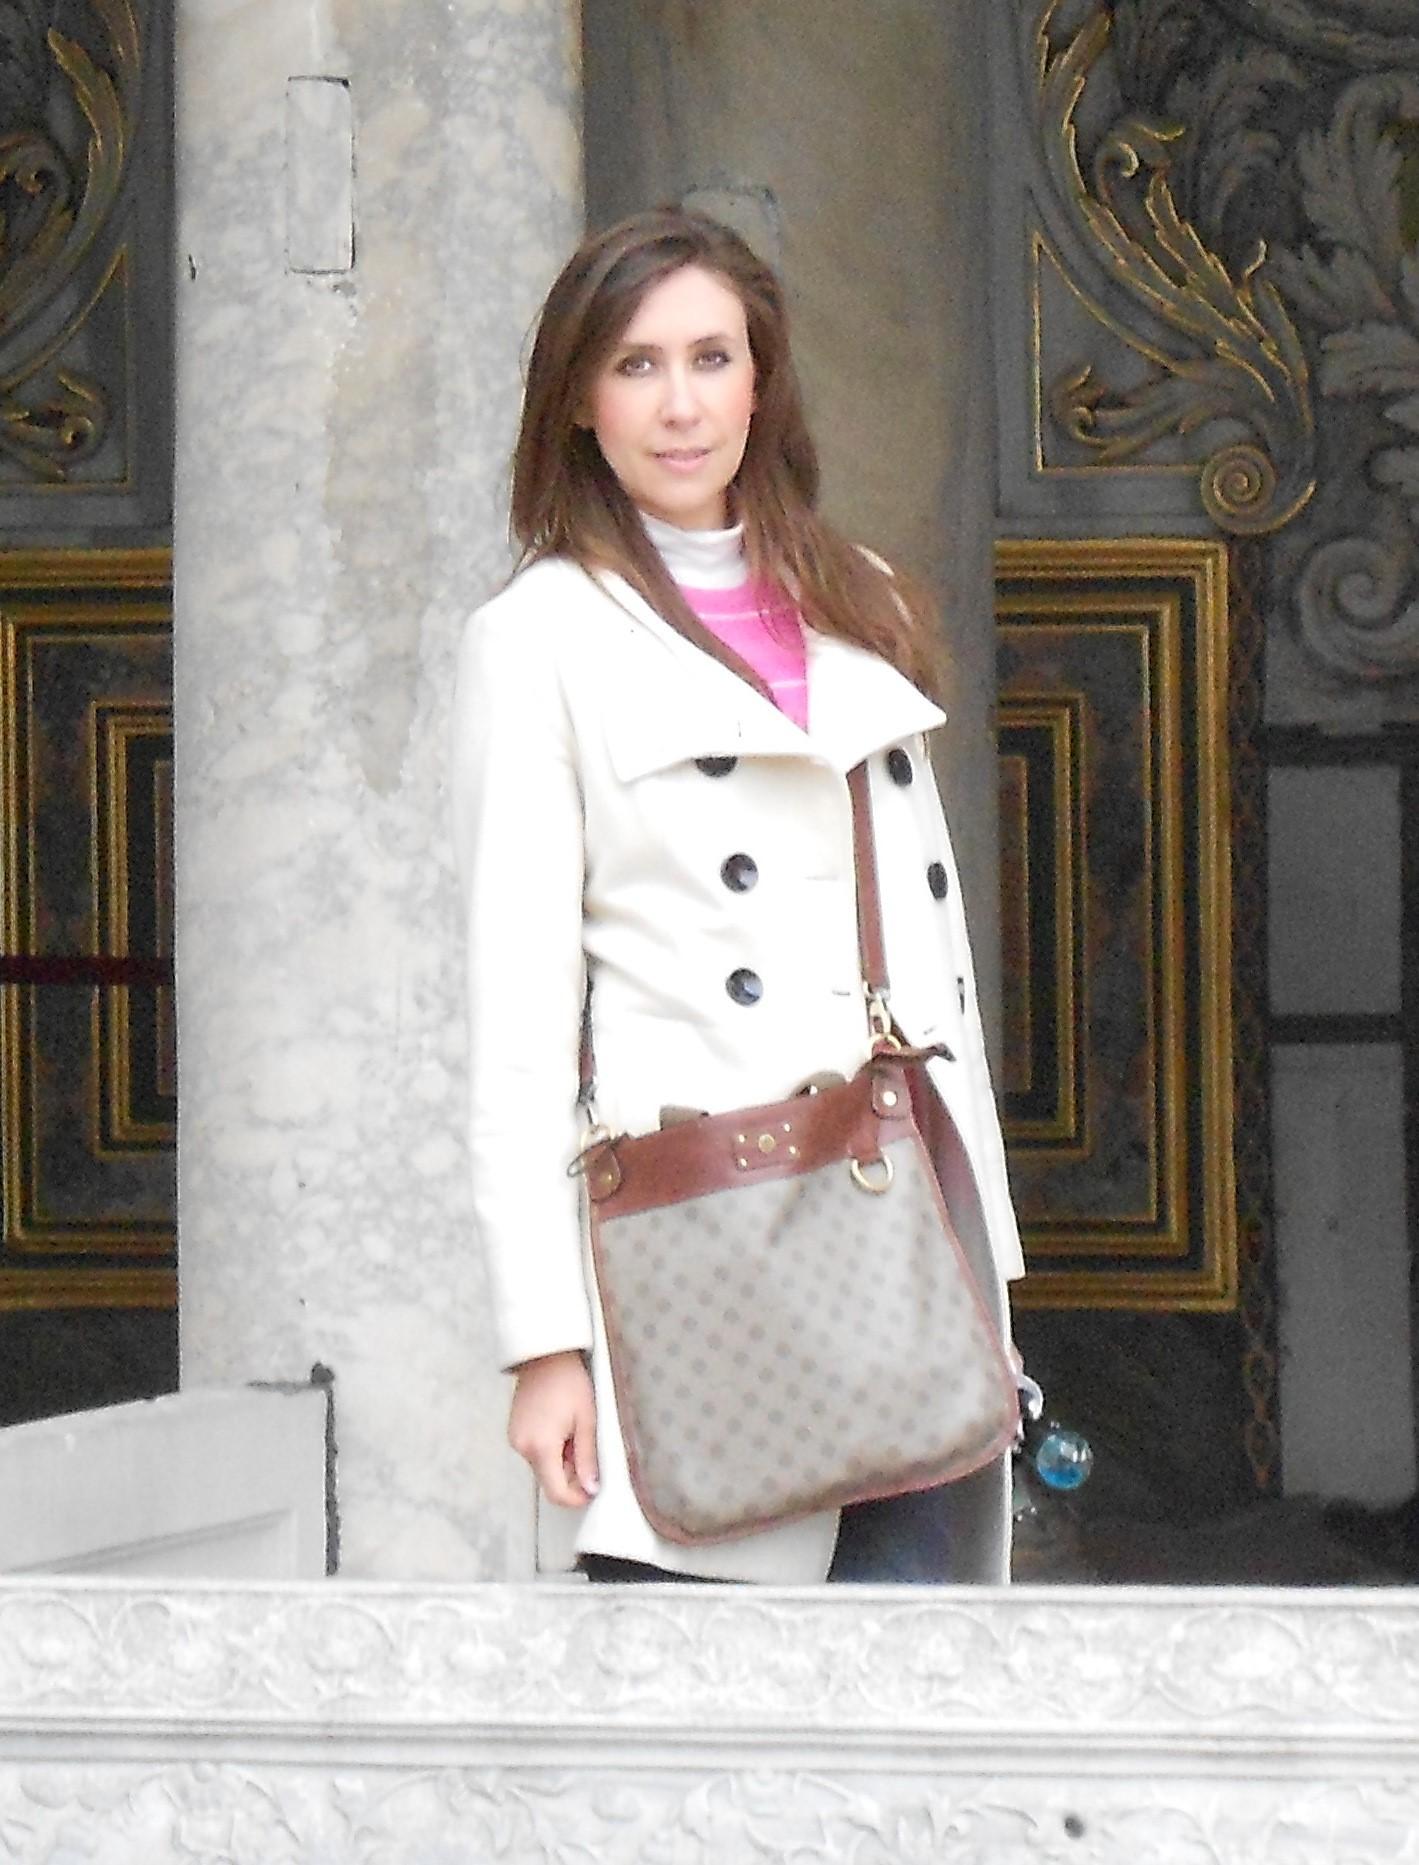 Katerina_portre_2.jpg